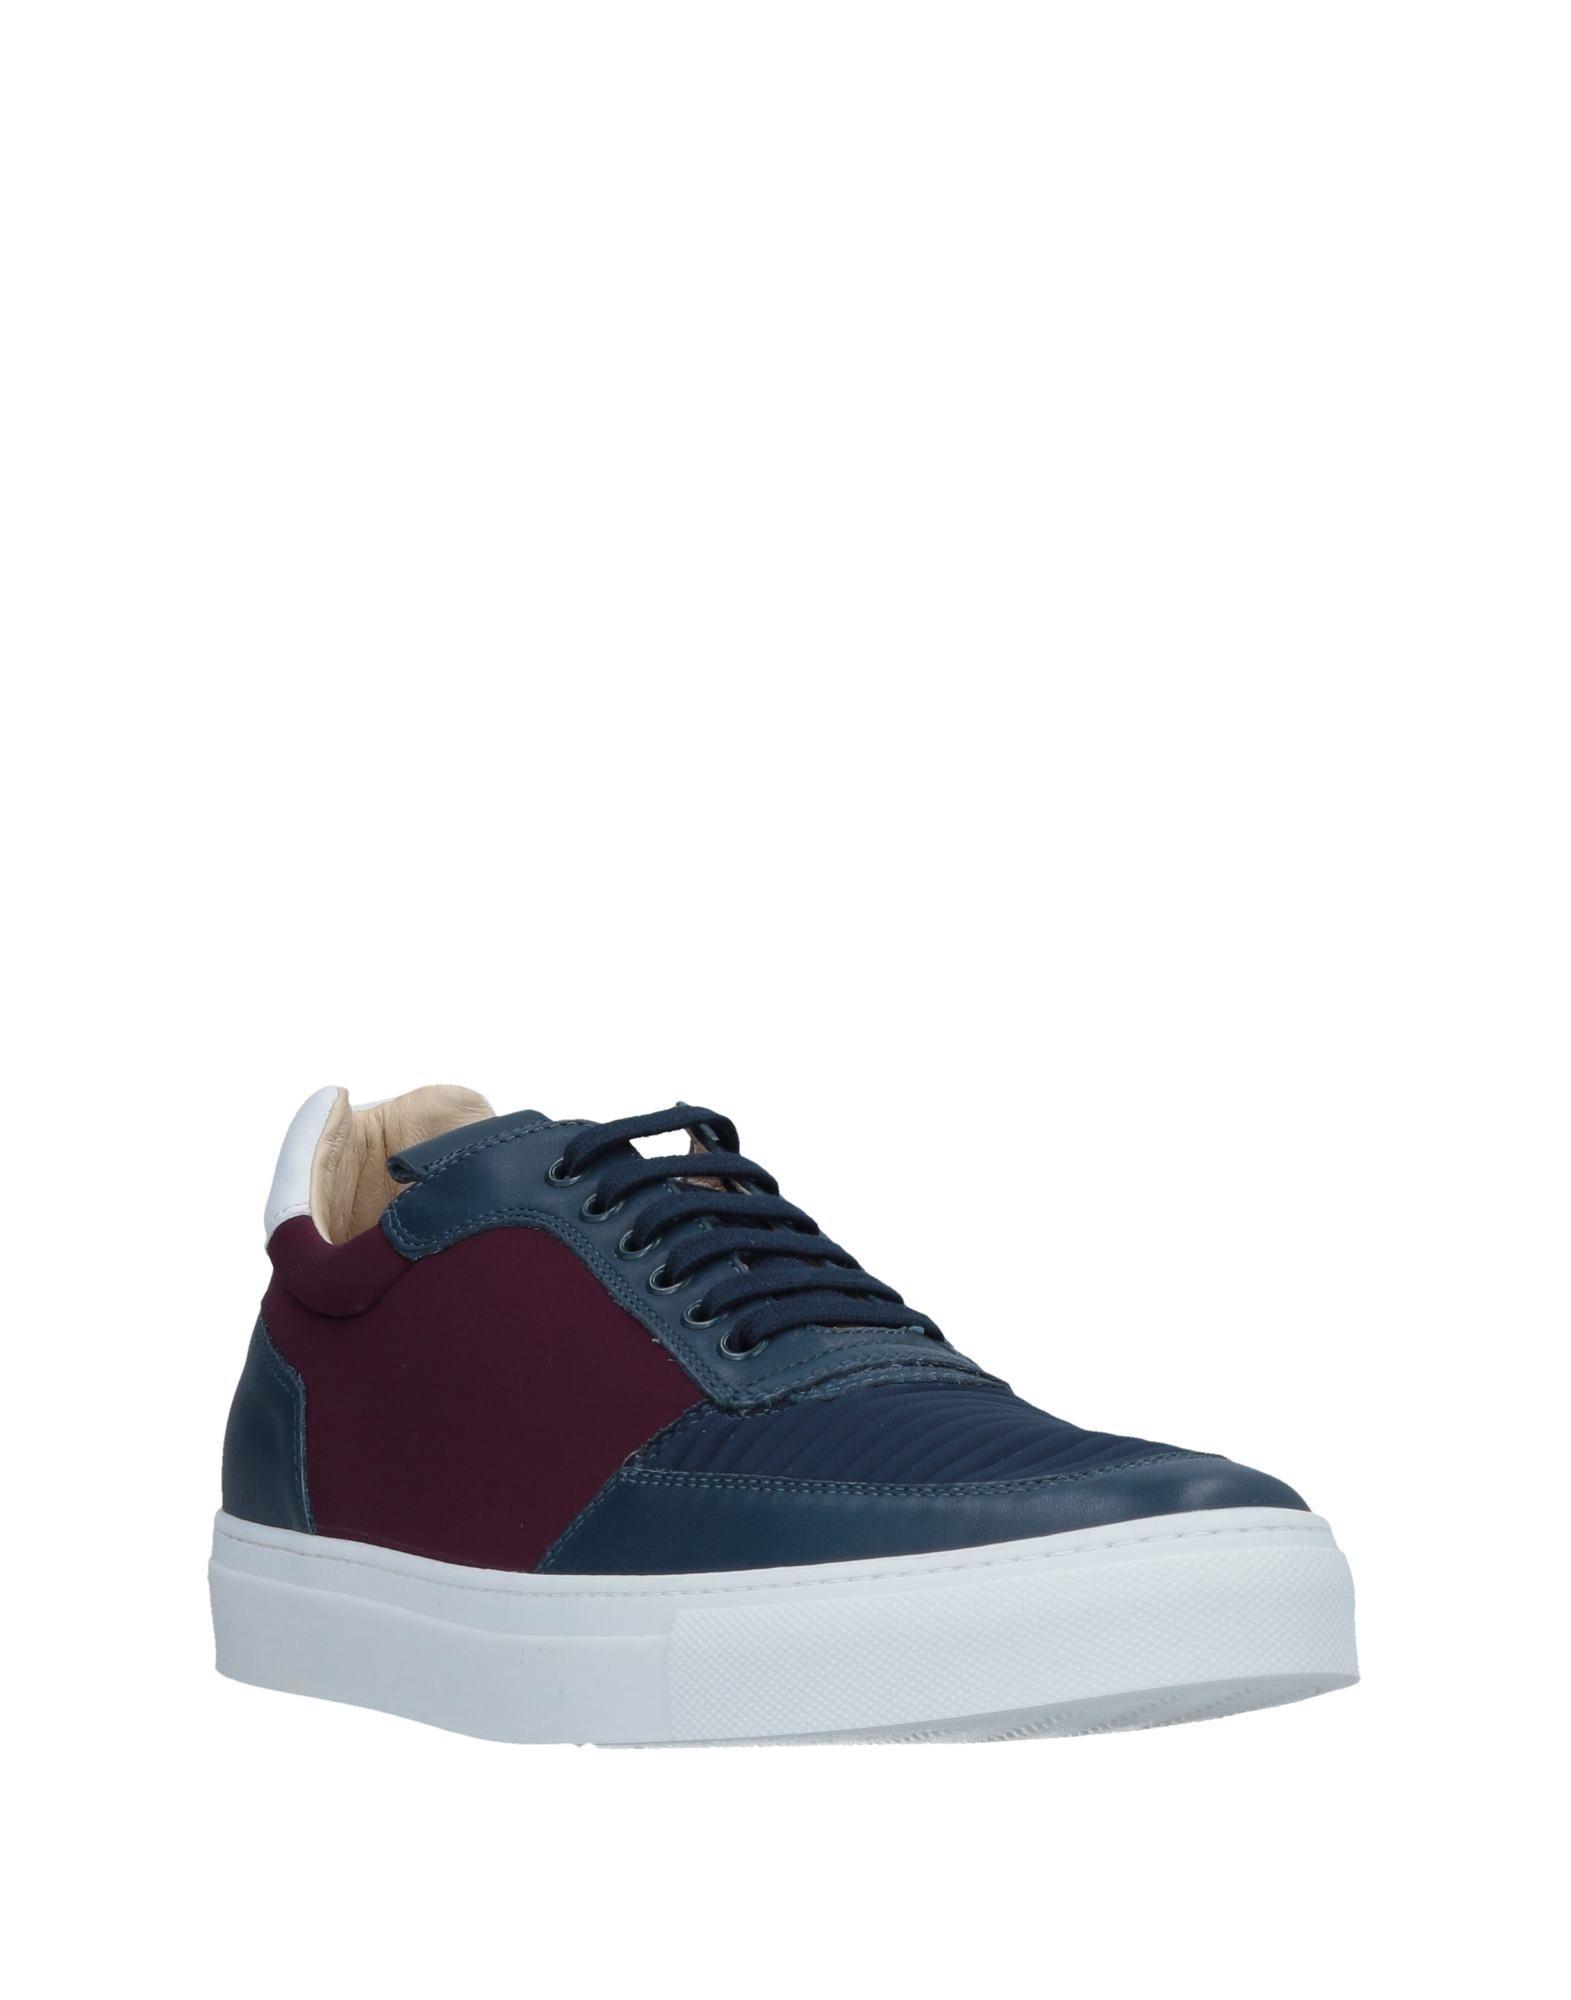 Rabatt echte Schuhe Mariano Di Vaio Sneakers Herren   Herren 11507034IK 1353de